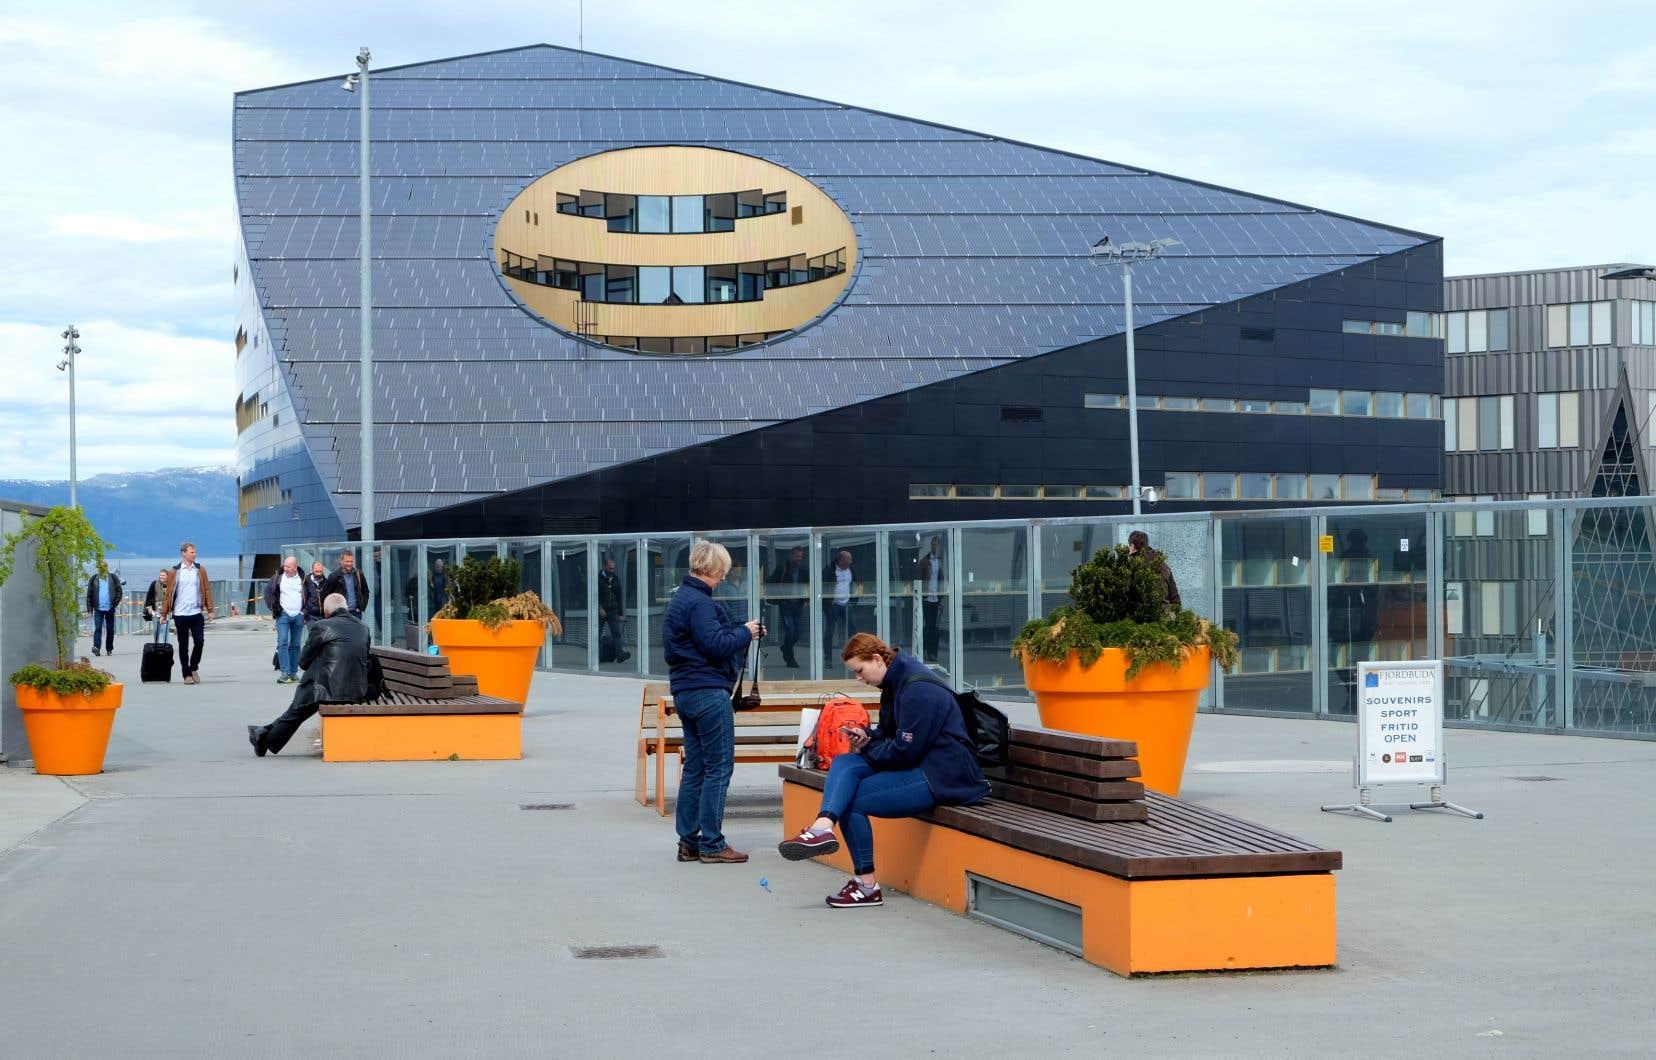 Le toit du bâtiment est couvert de panneaux solaires.